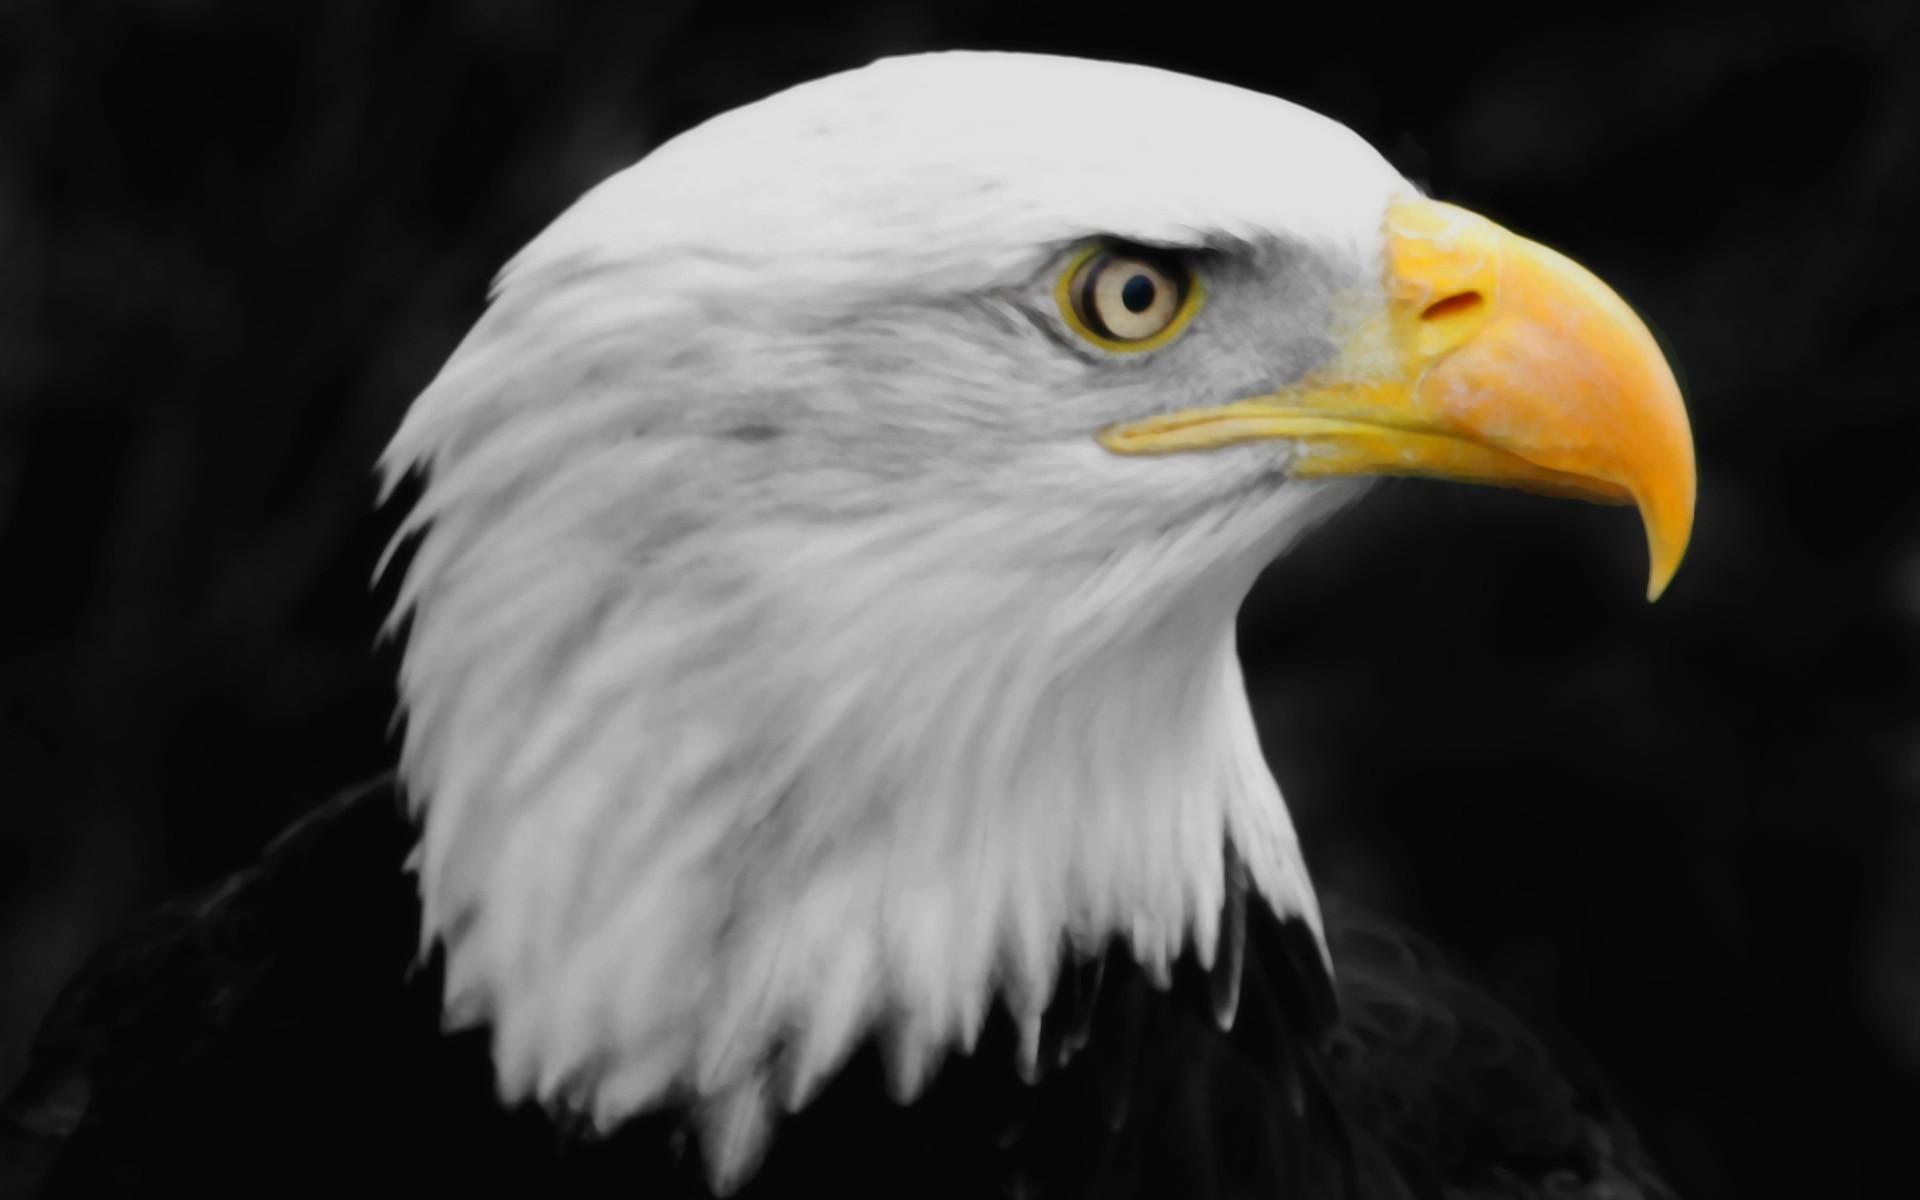 eagle hd wallpaper download 0007